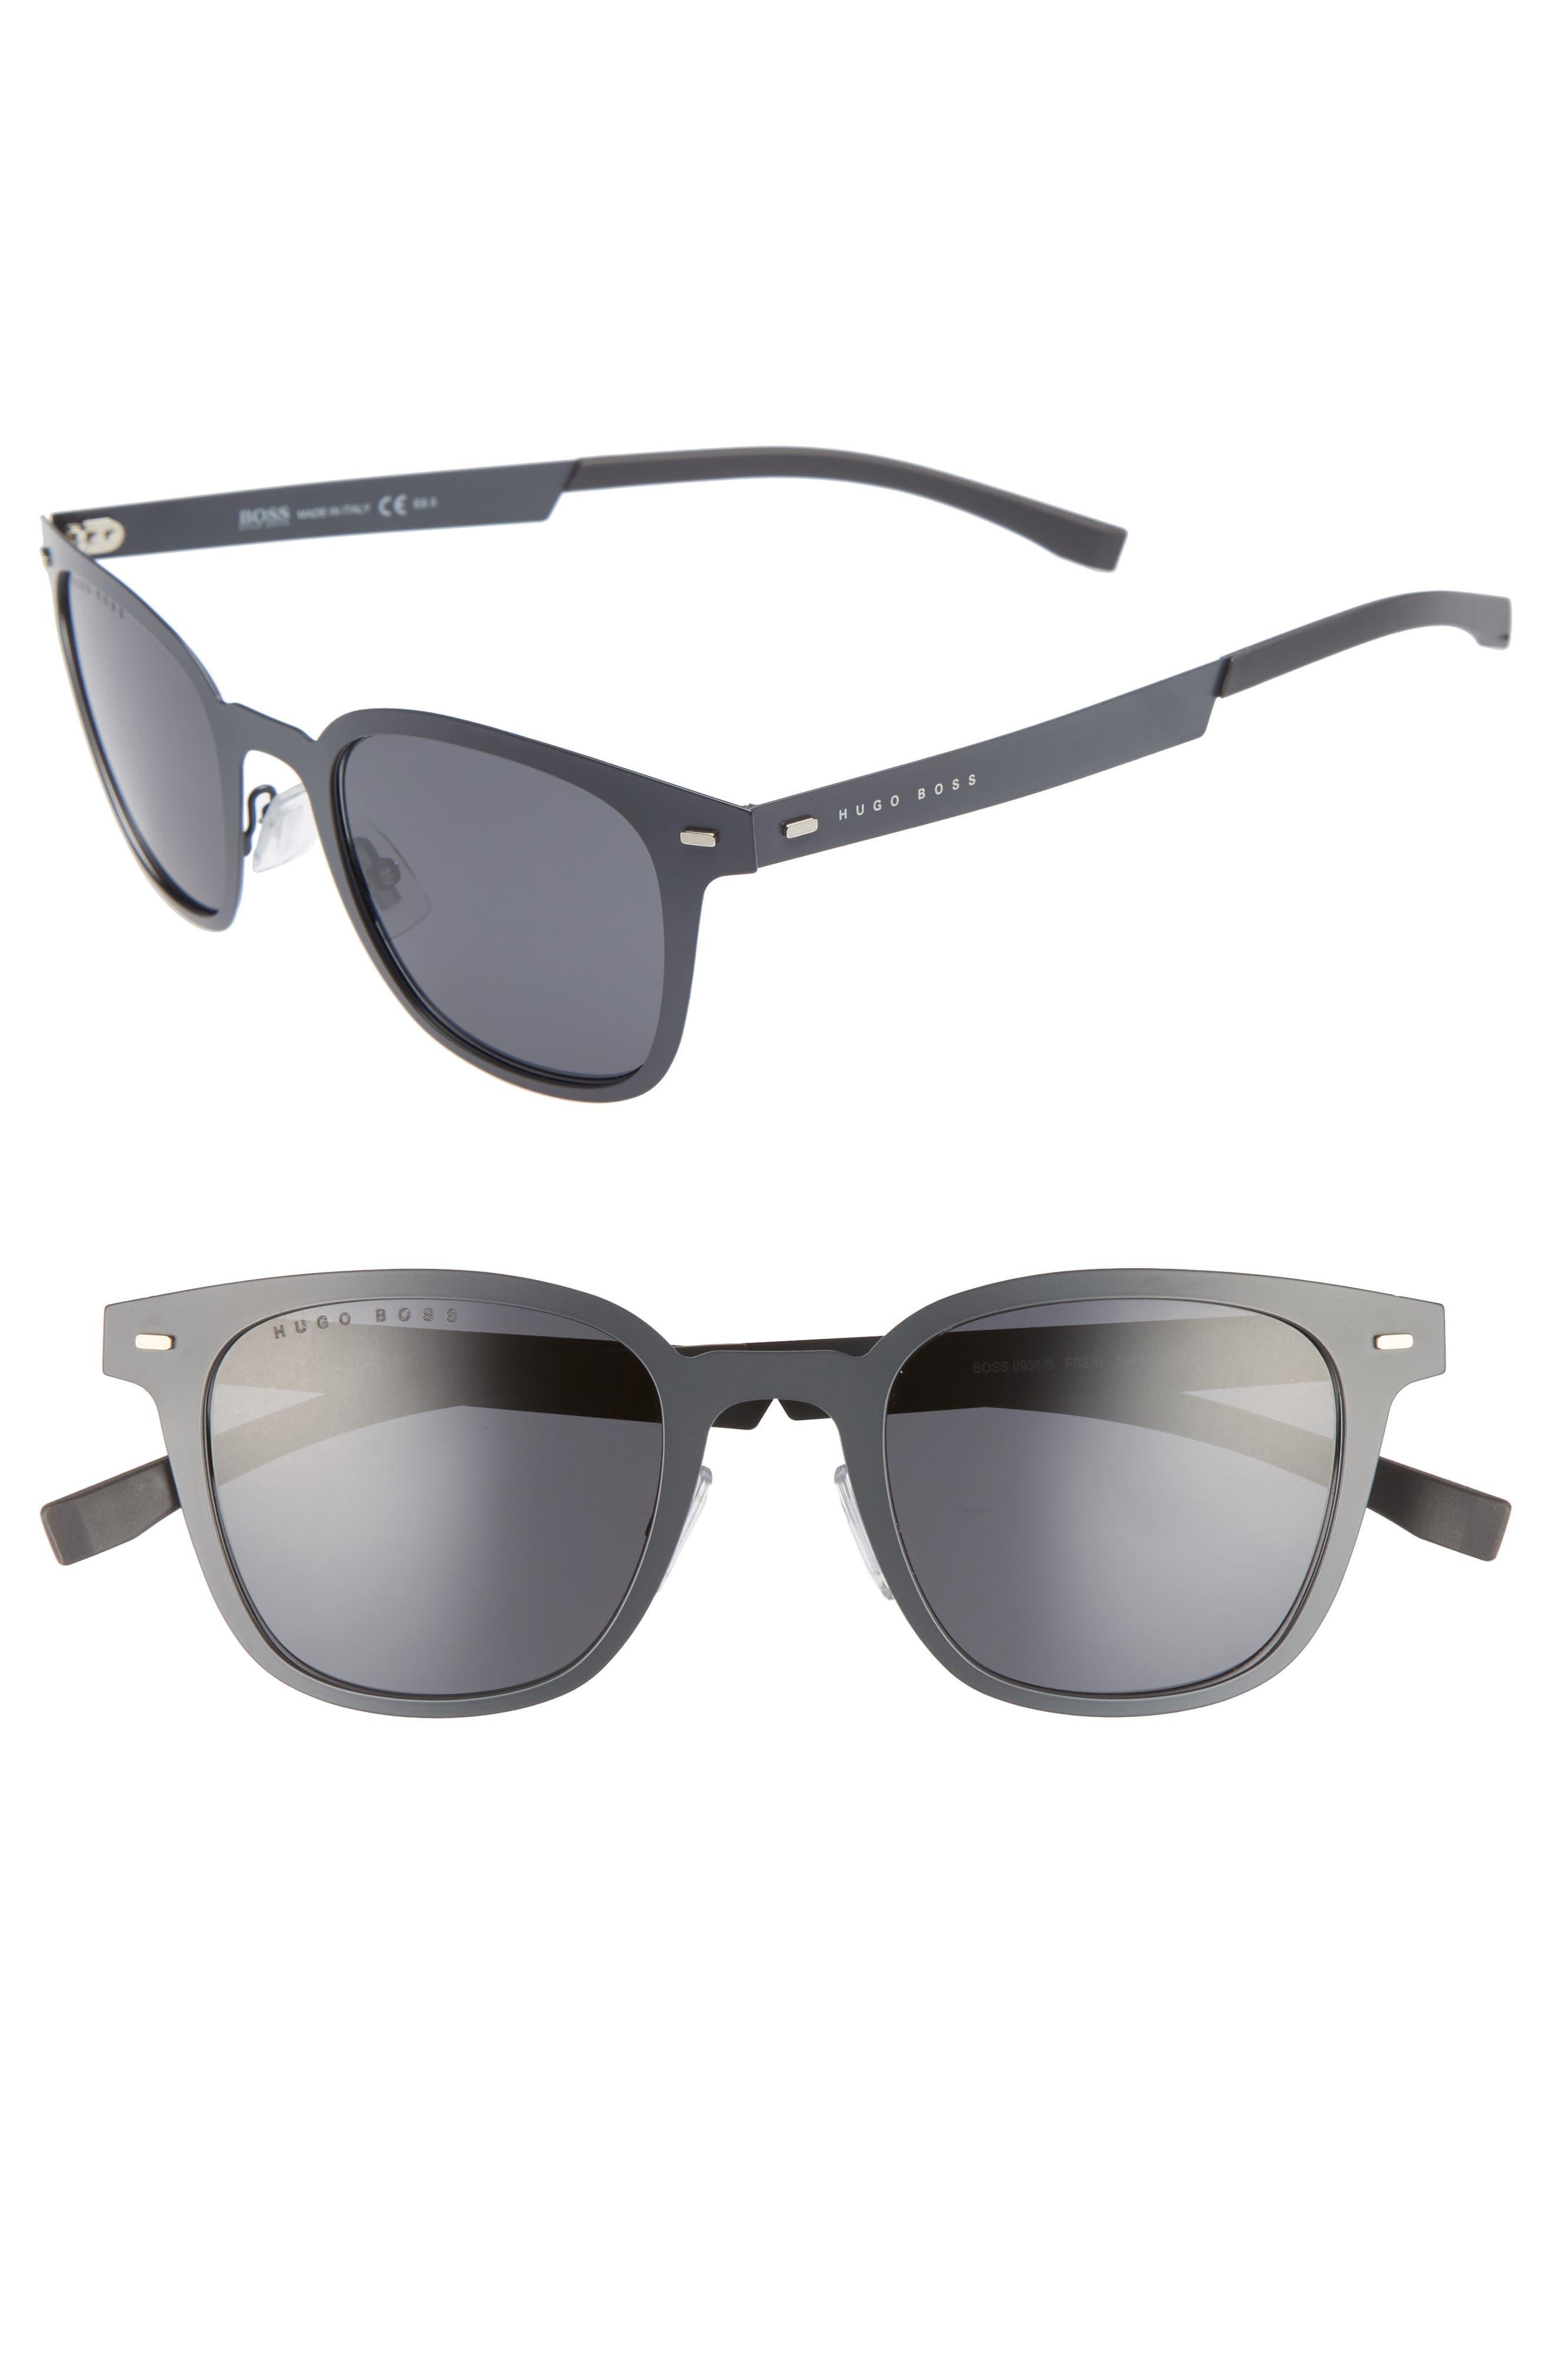 50mm Sunglasses,                         Main,                         color, Matte Gray/ Gray Blue